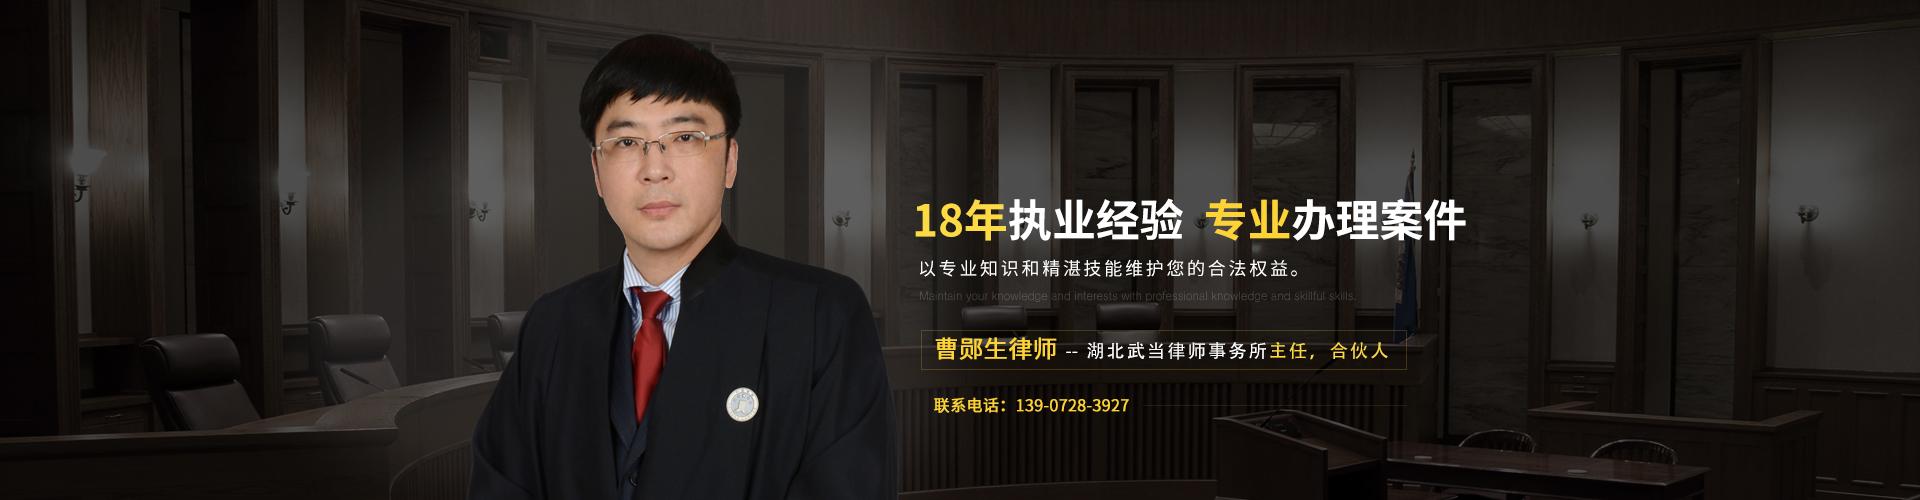 十堰曹郧生律师